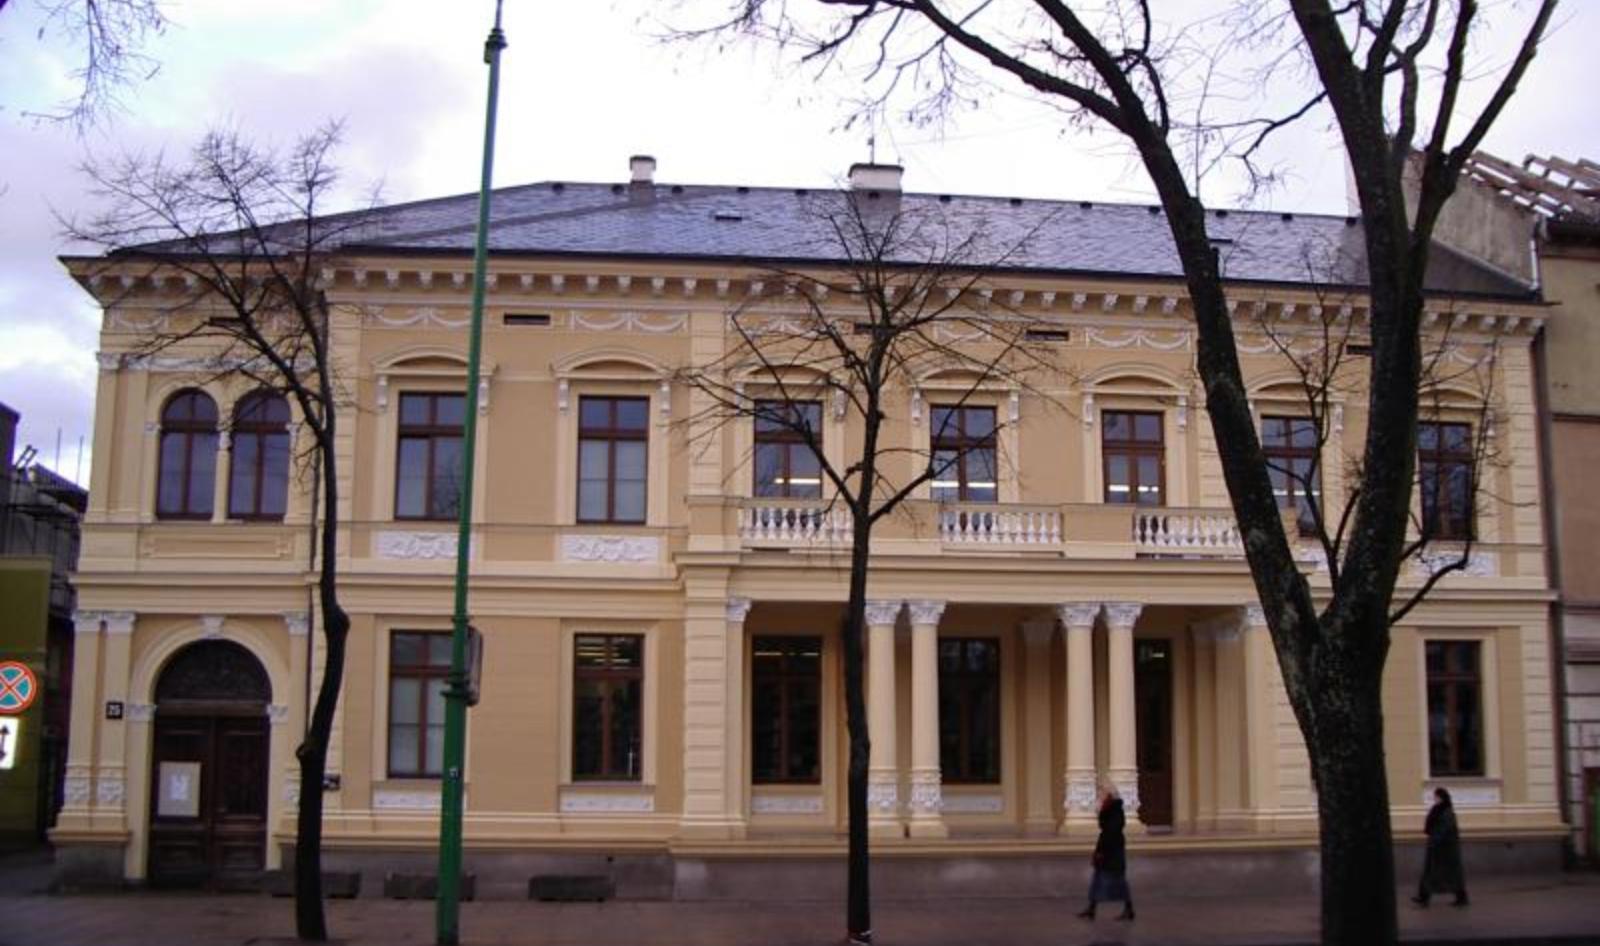 Išrinkta nauja Klaipėdos apskrities viešosios Ievos Simonaitytės bibliotekos direktorė